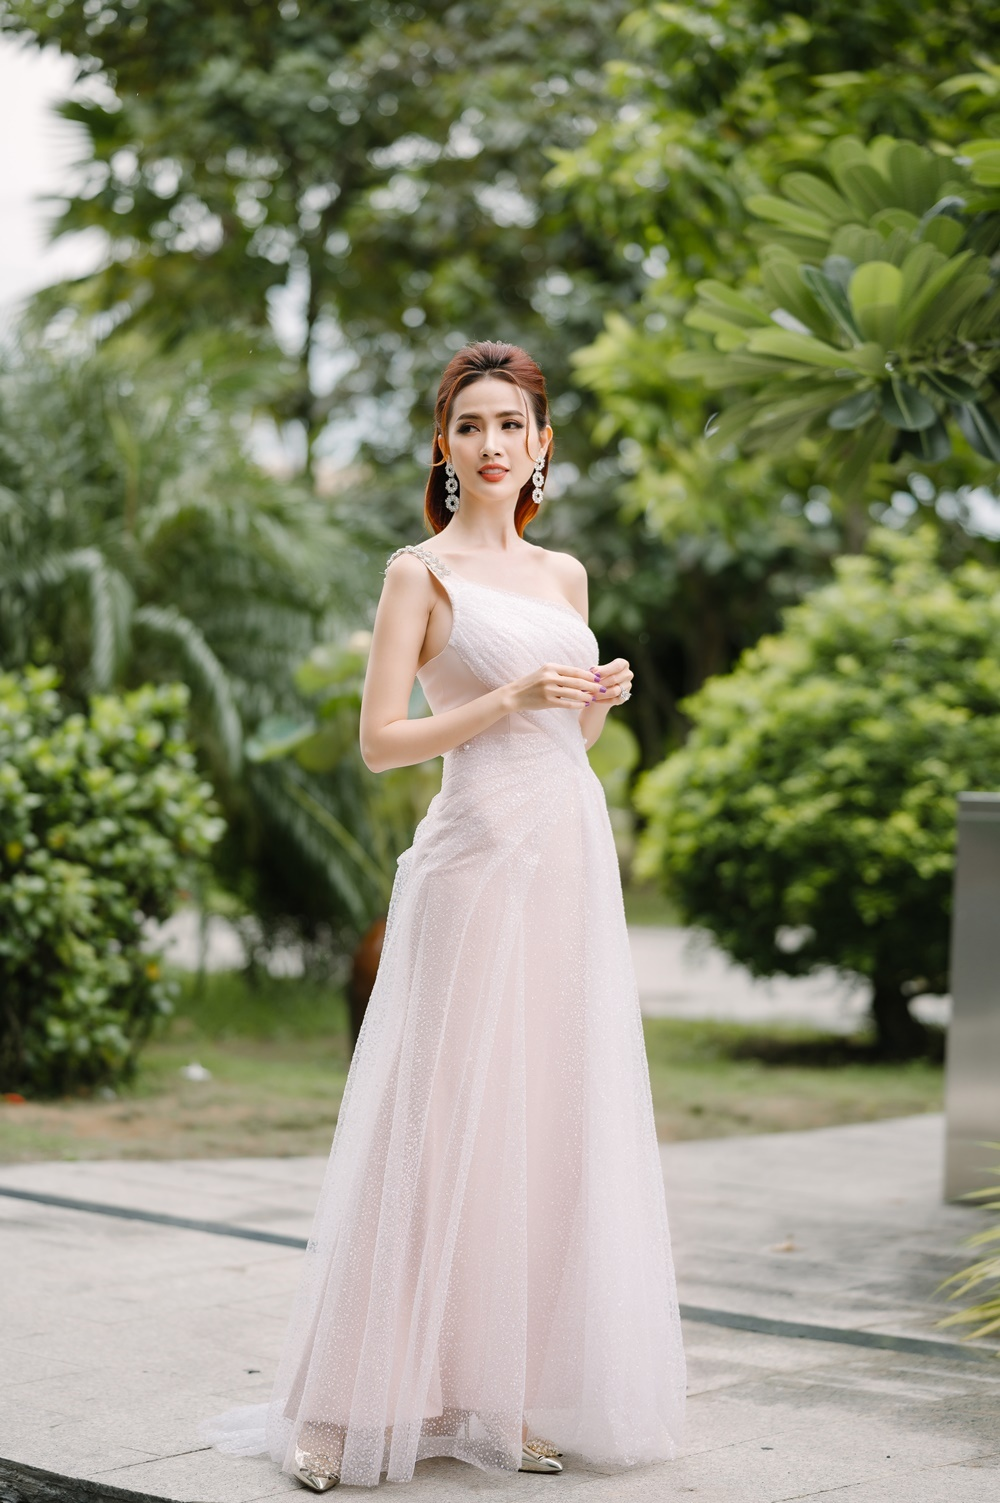 Phan Thị Mơ quyến rũ với váy mỏng manh thanh khiết như sương mai Ảnh 6